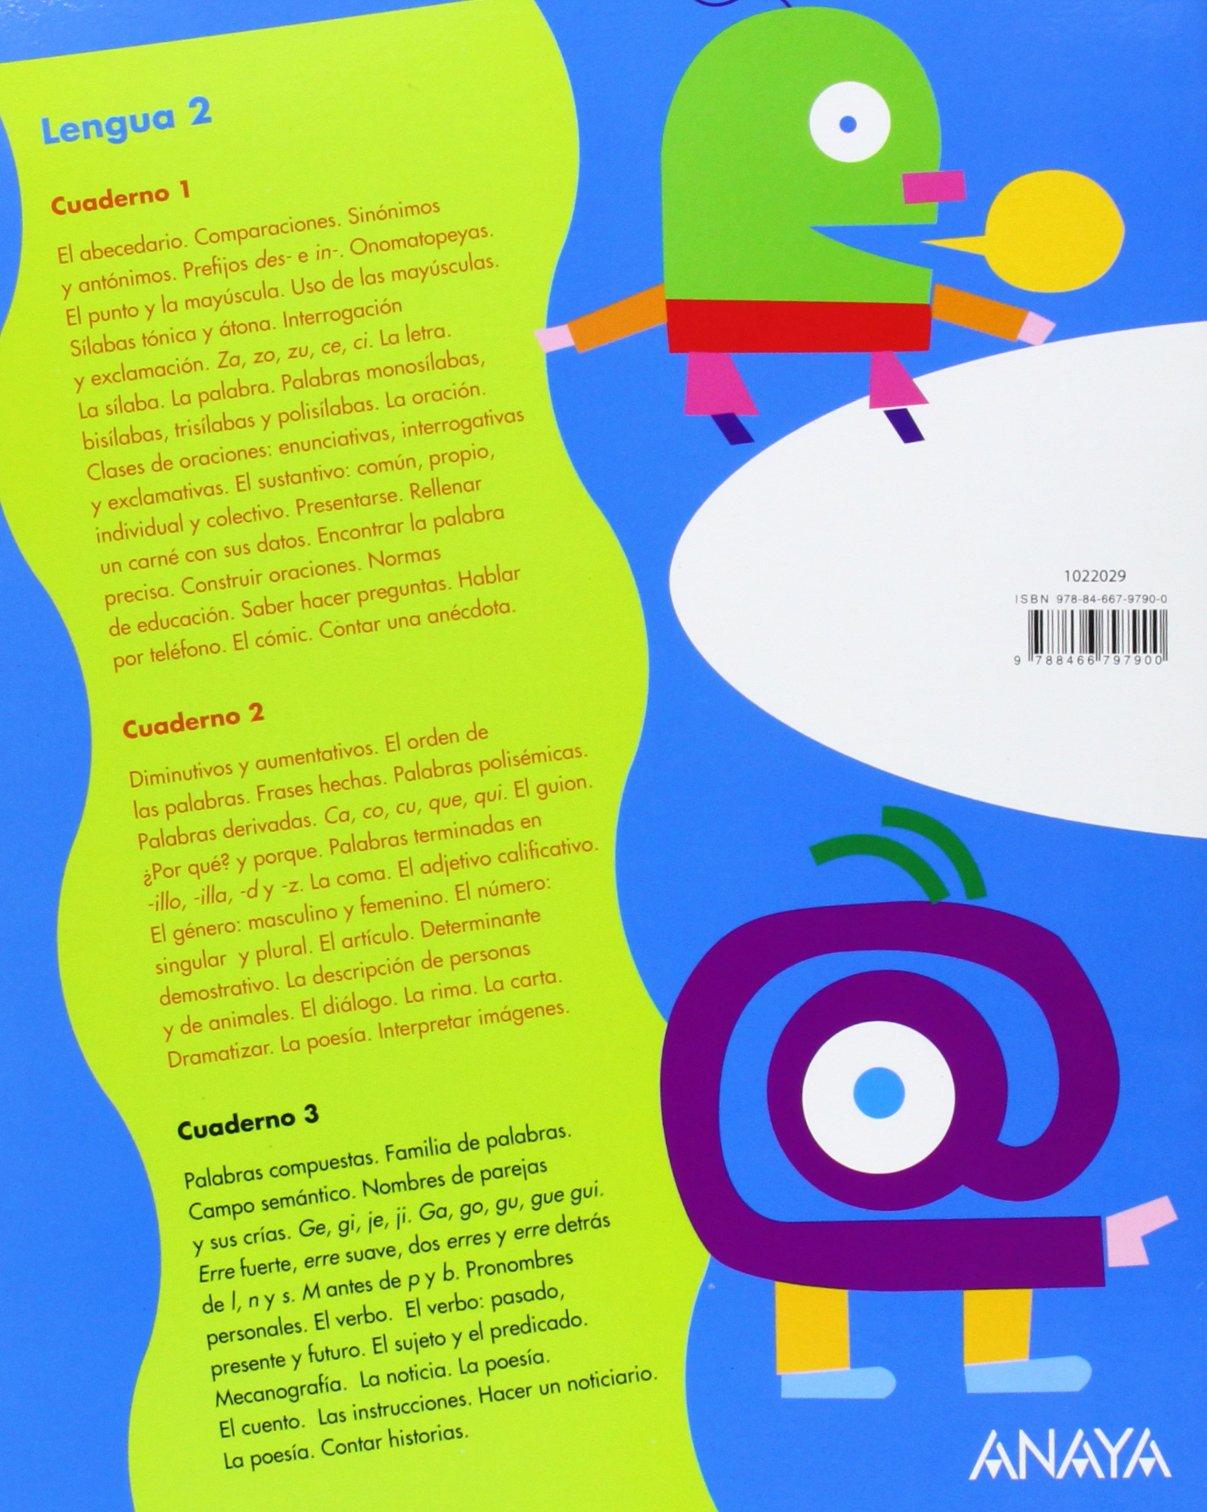 Lengua 2. Cuaderno 3. (UNA A UNA): Amazon.es: Emma Pérez Madorrán, Lourdes González López, M.ª Teresa Muiño Blasco: Libros